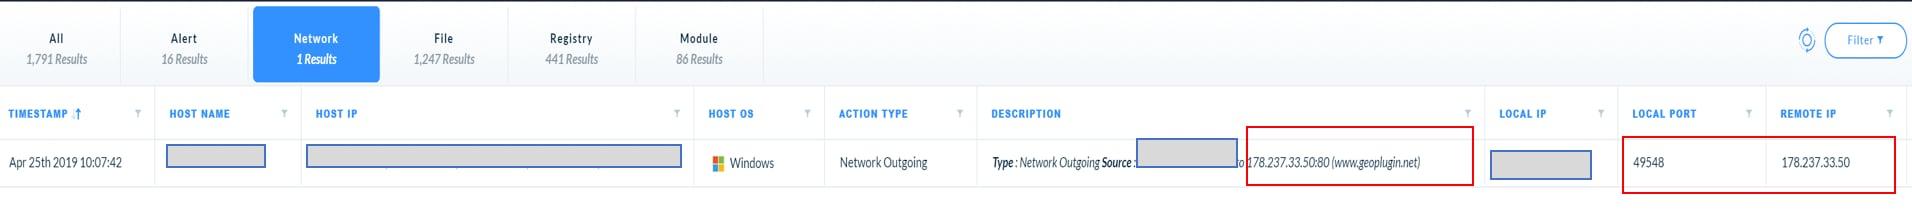 [Network] タブを開いたところ。疑わしい サイトへの接続が確認できる